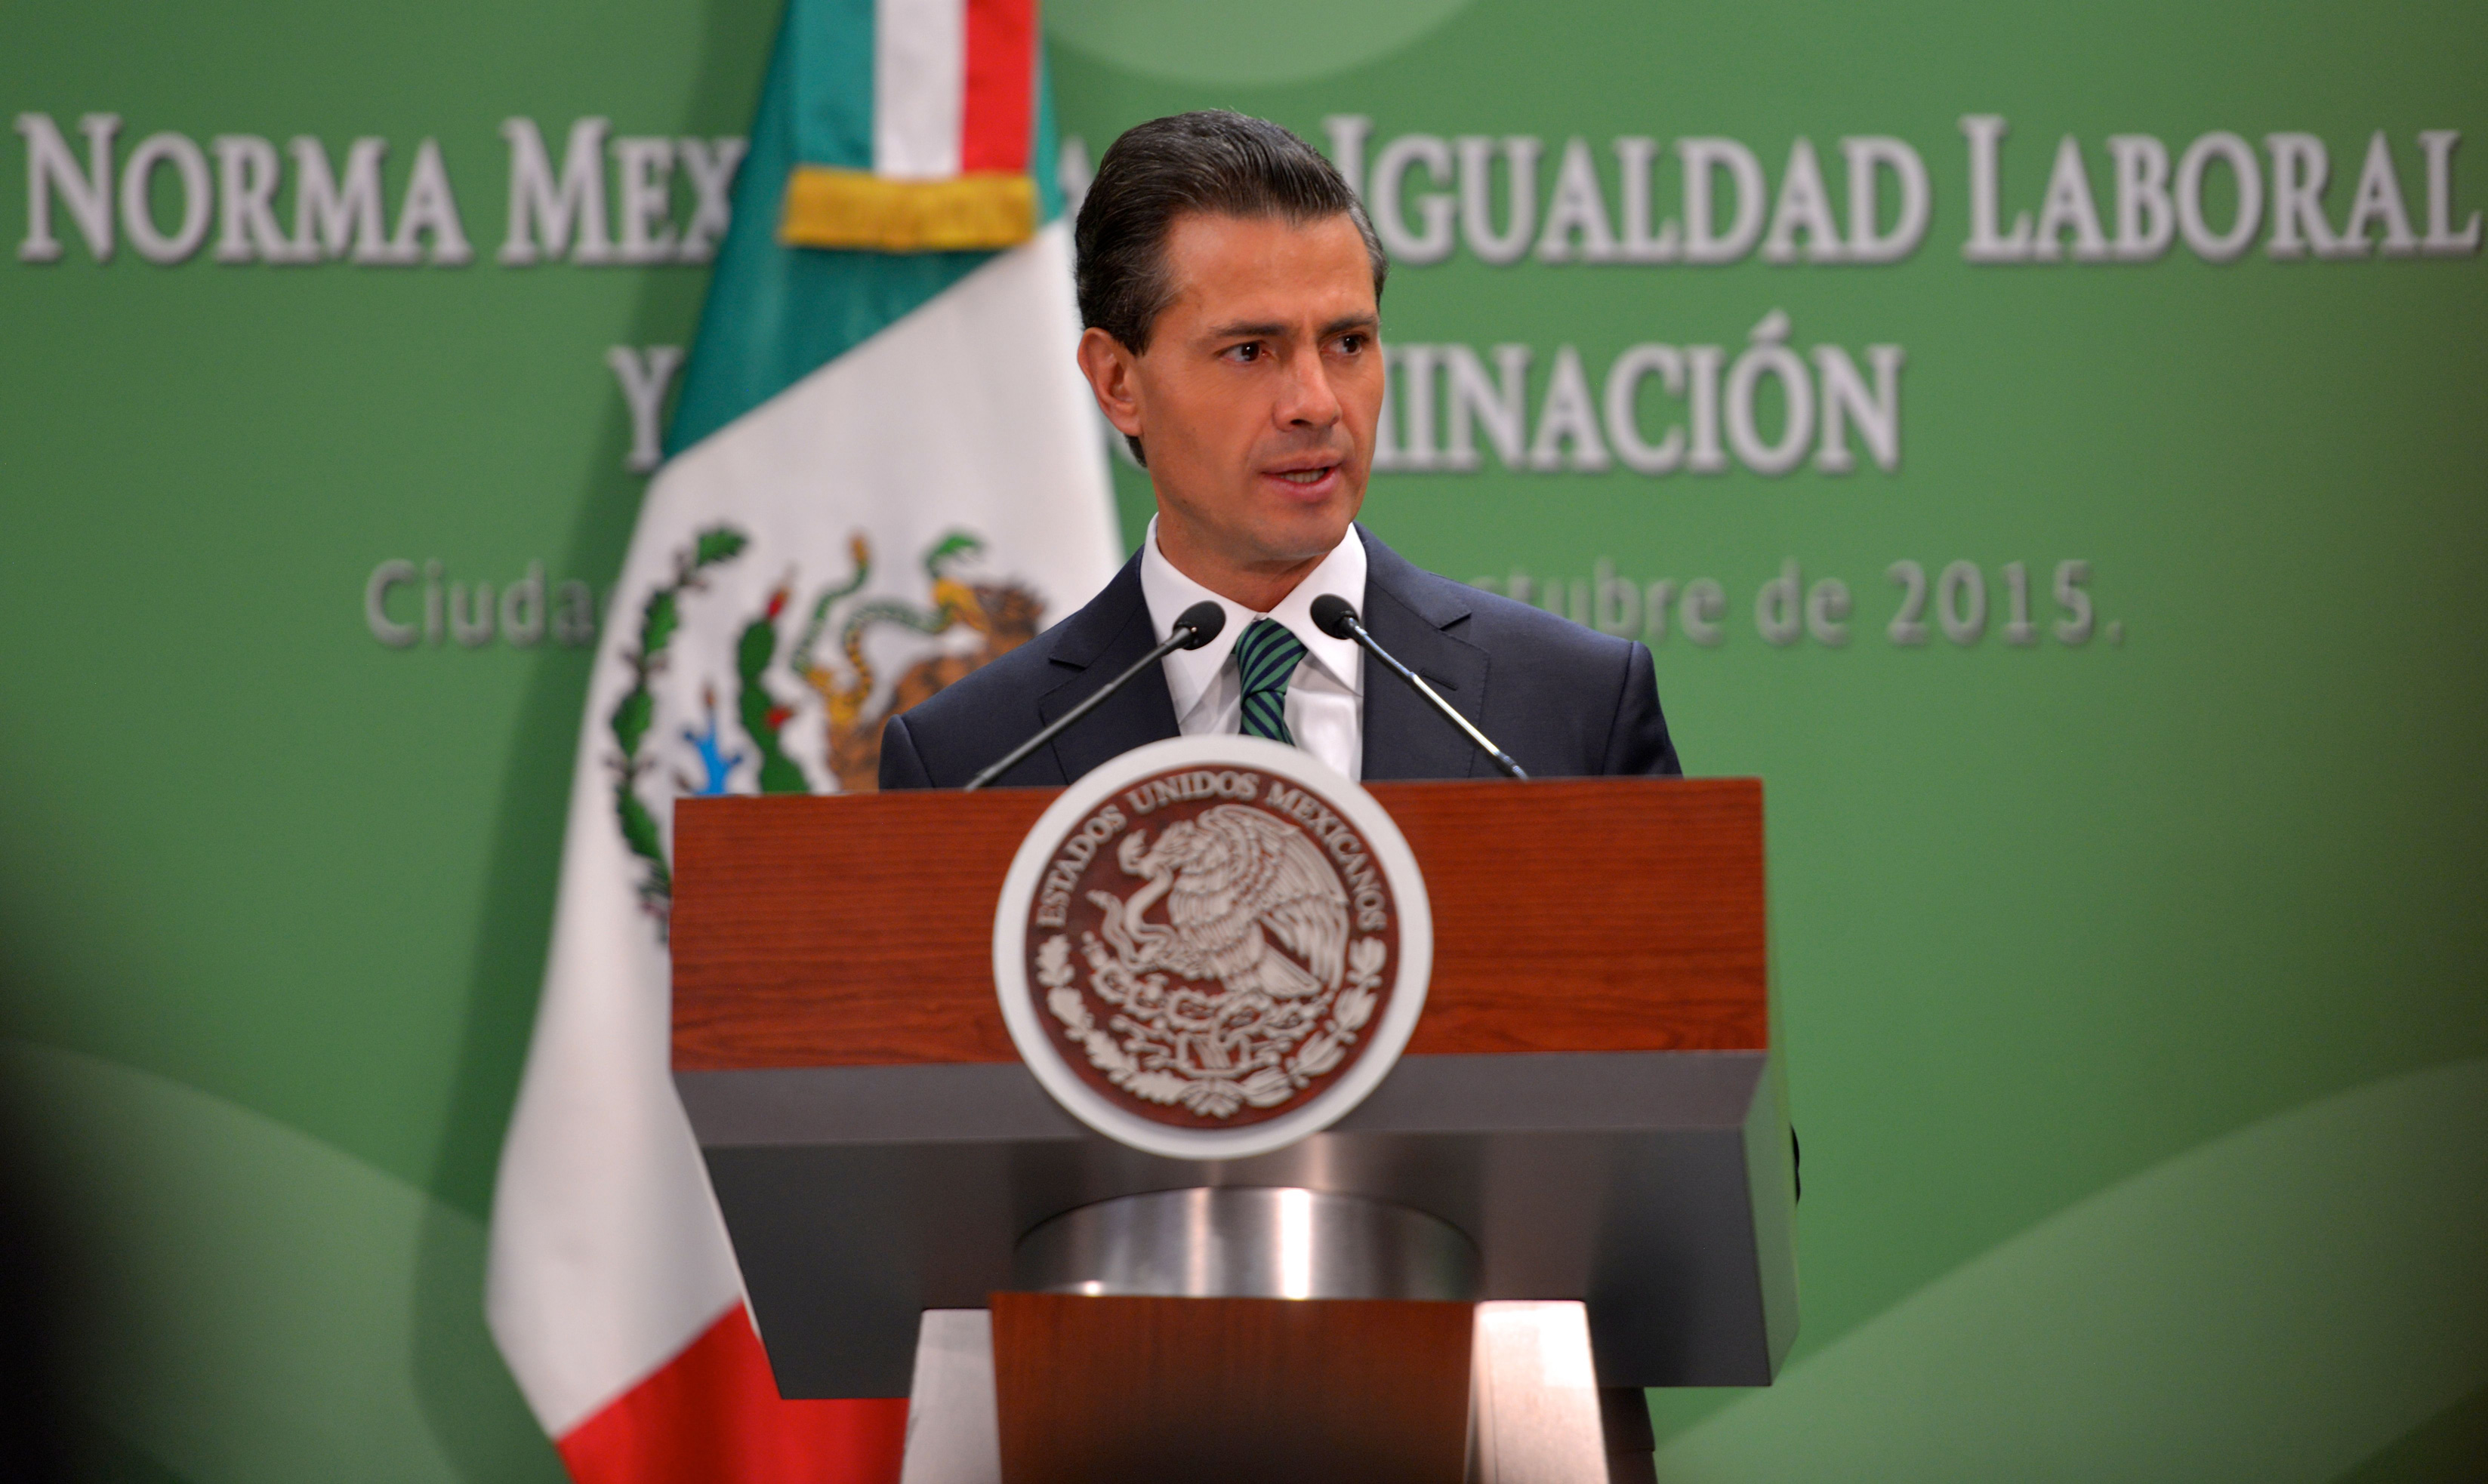 """El Presidente de la República, Enrique Peña Nieto, aseguró que """"para que México pueda crecer con mayor dinamismo y equidad, es necesario aprovechar la energía, el talento y el trabajo de todas y todos los mexicanos""""."""